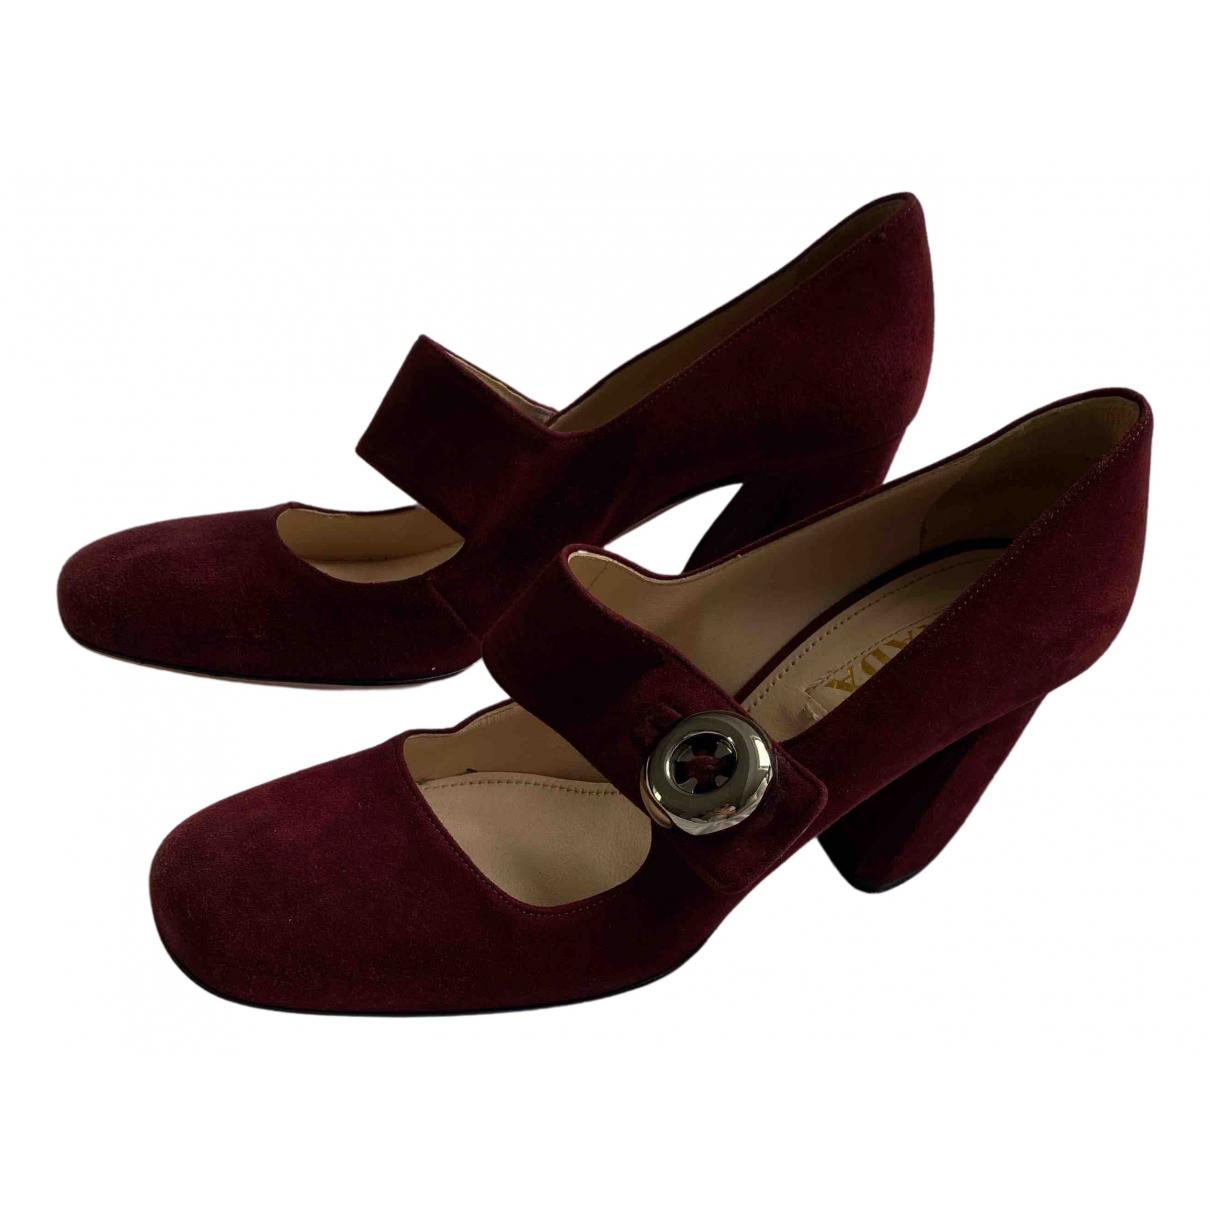 Prada N Burgundy Suede Sandals for Women 38.5 EU